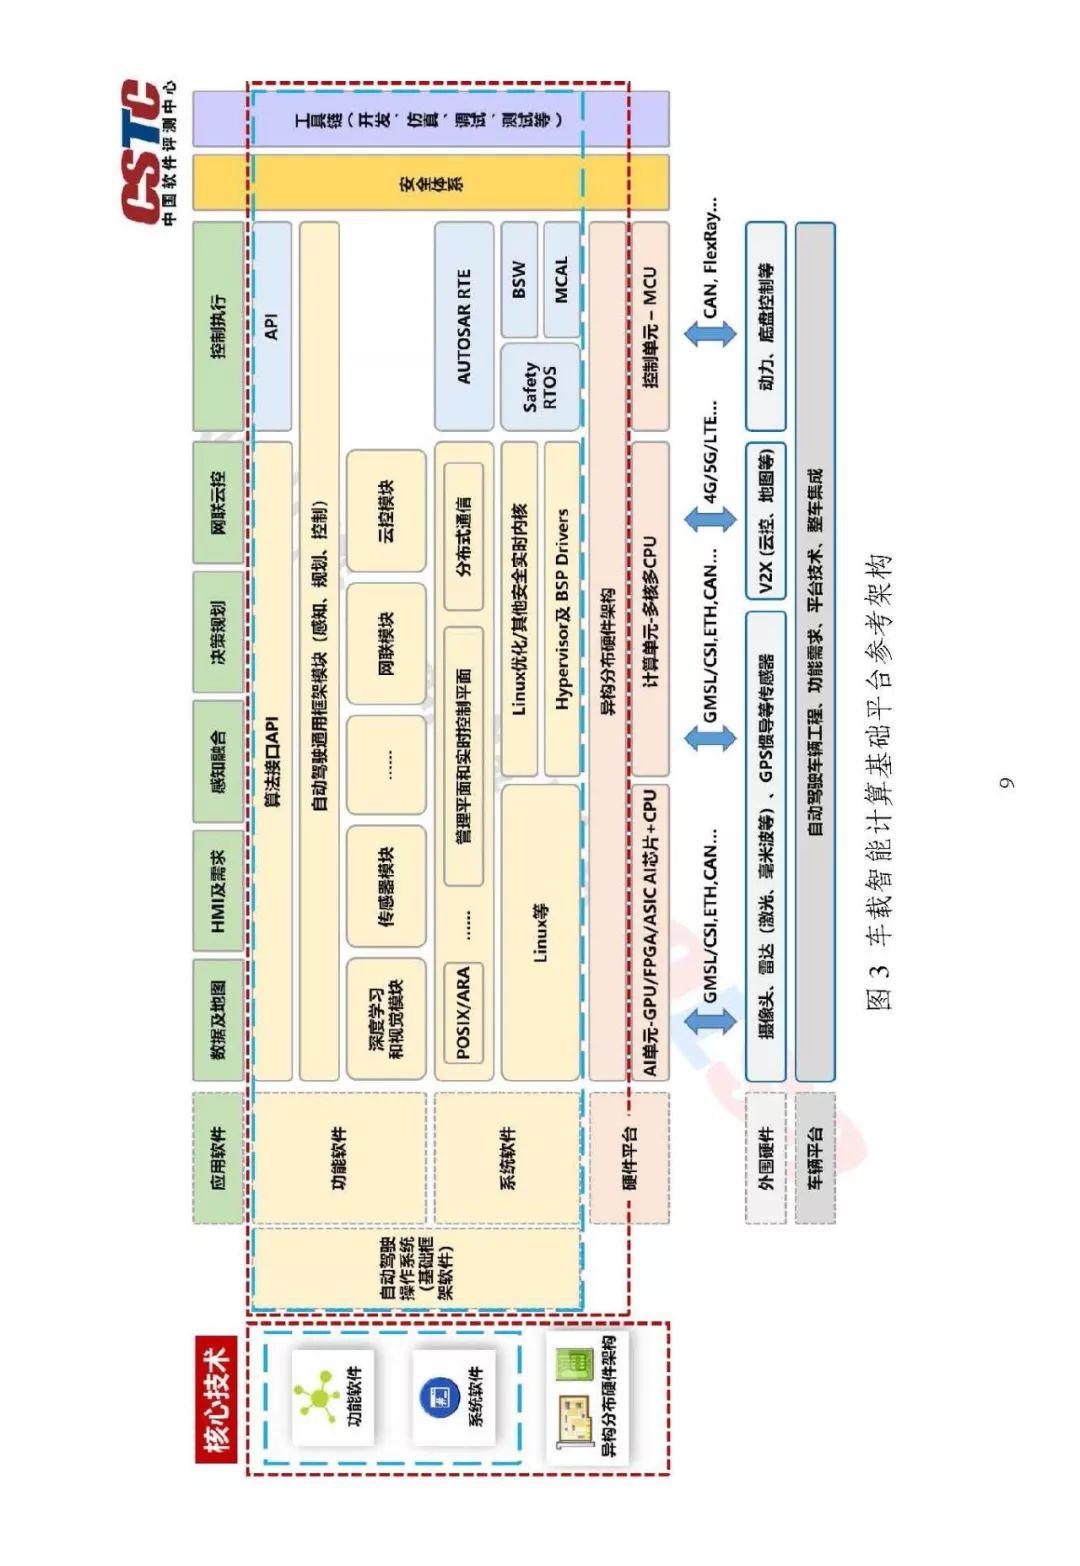 车载智能计算基础平台参考架构1 0_季报